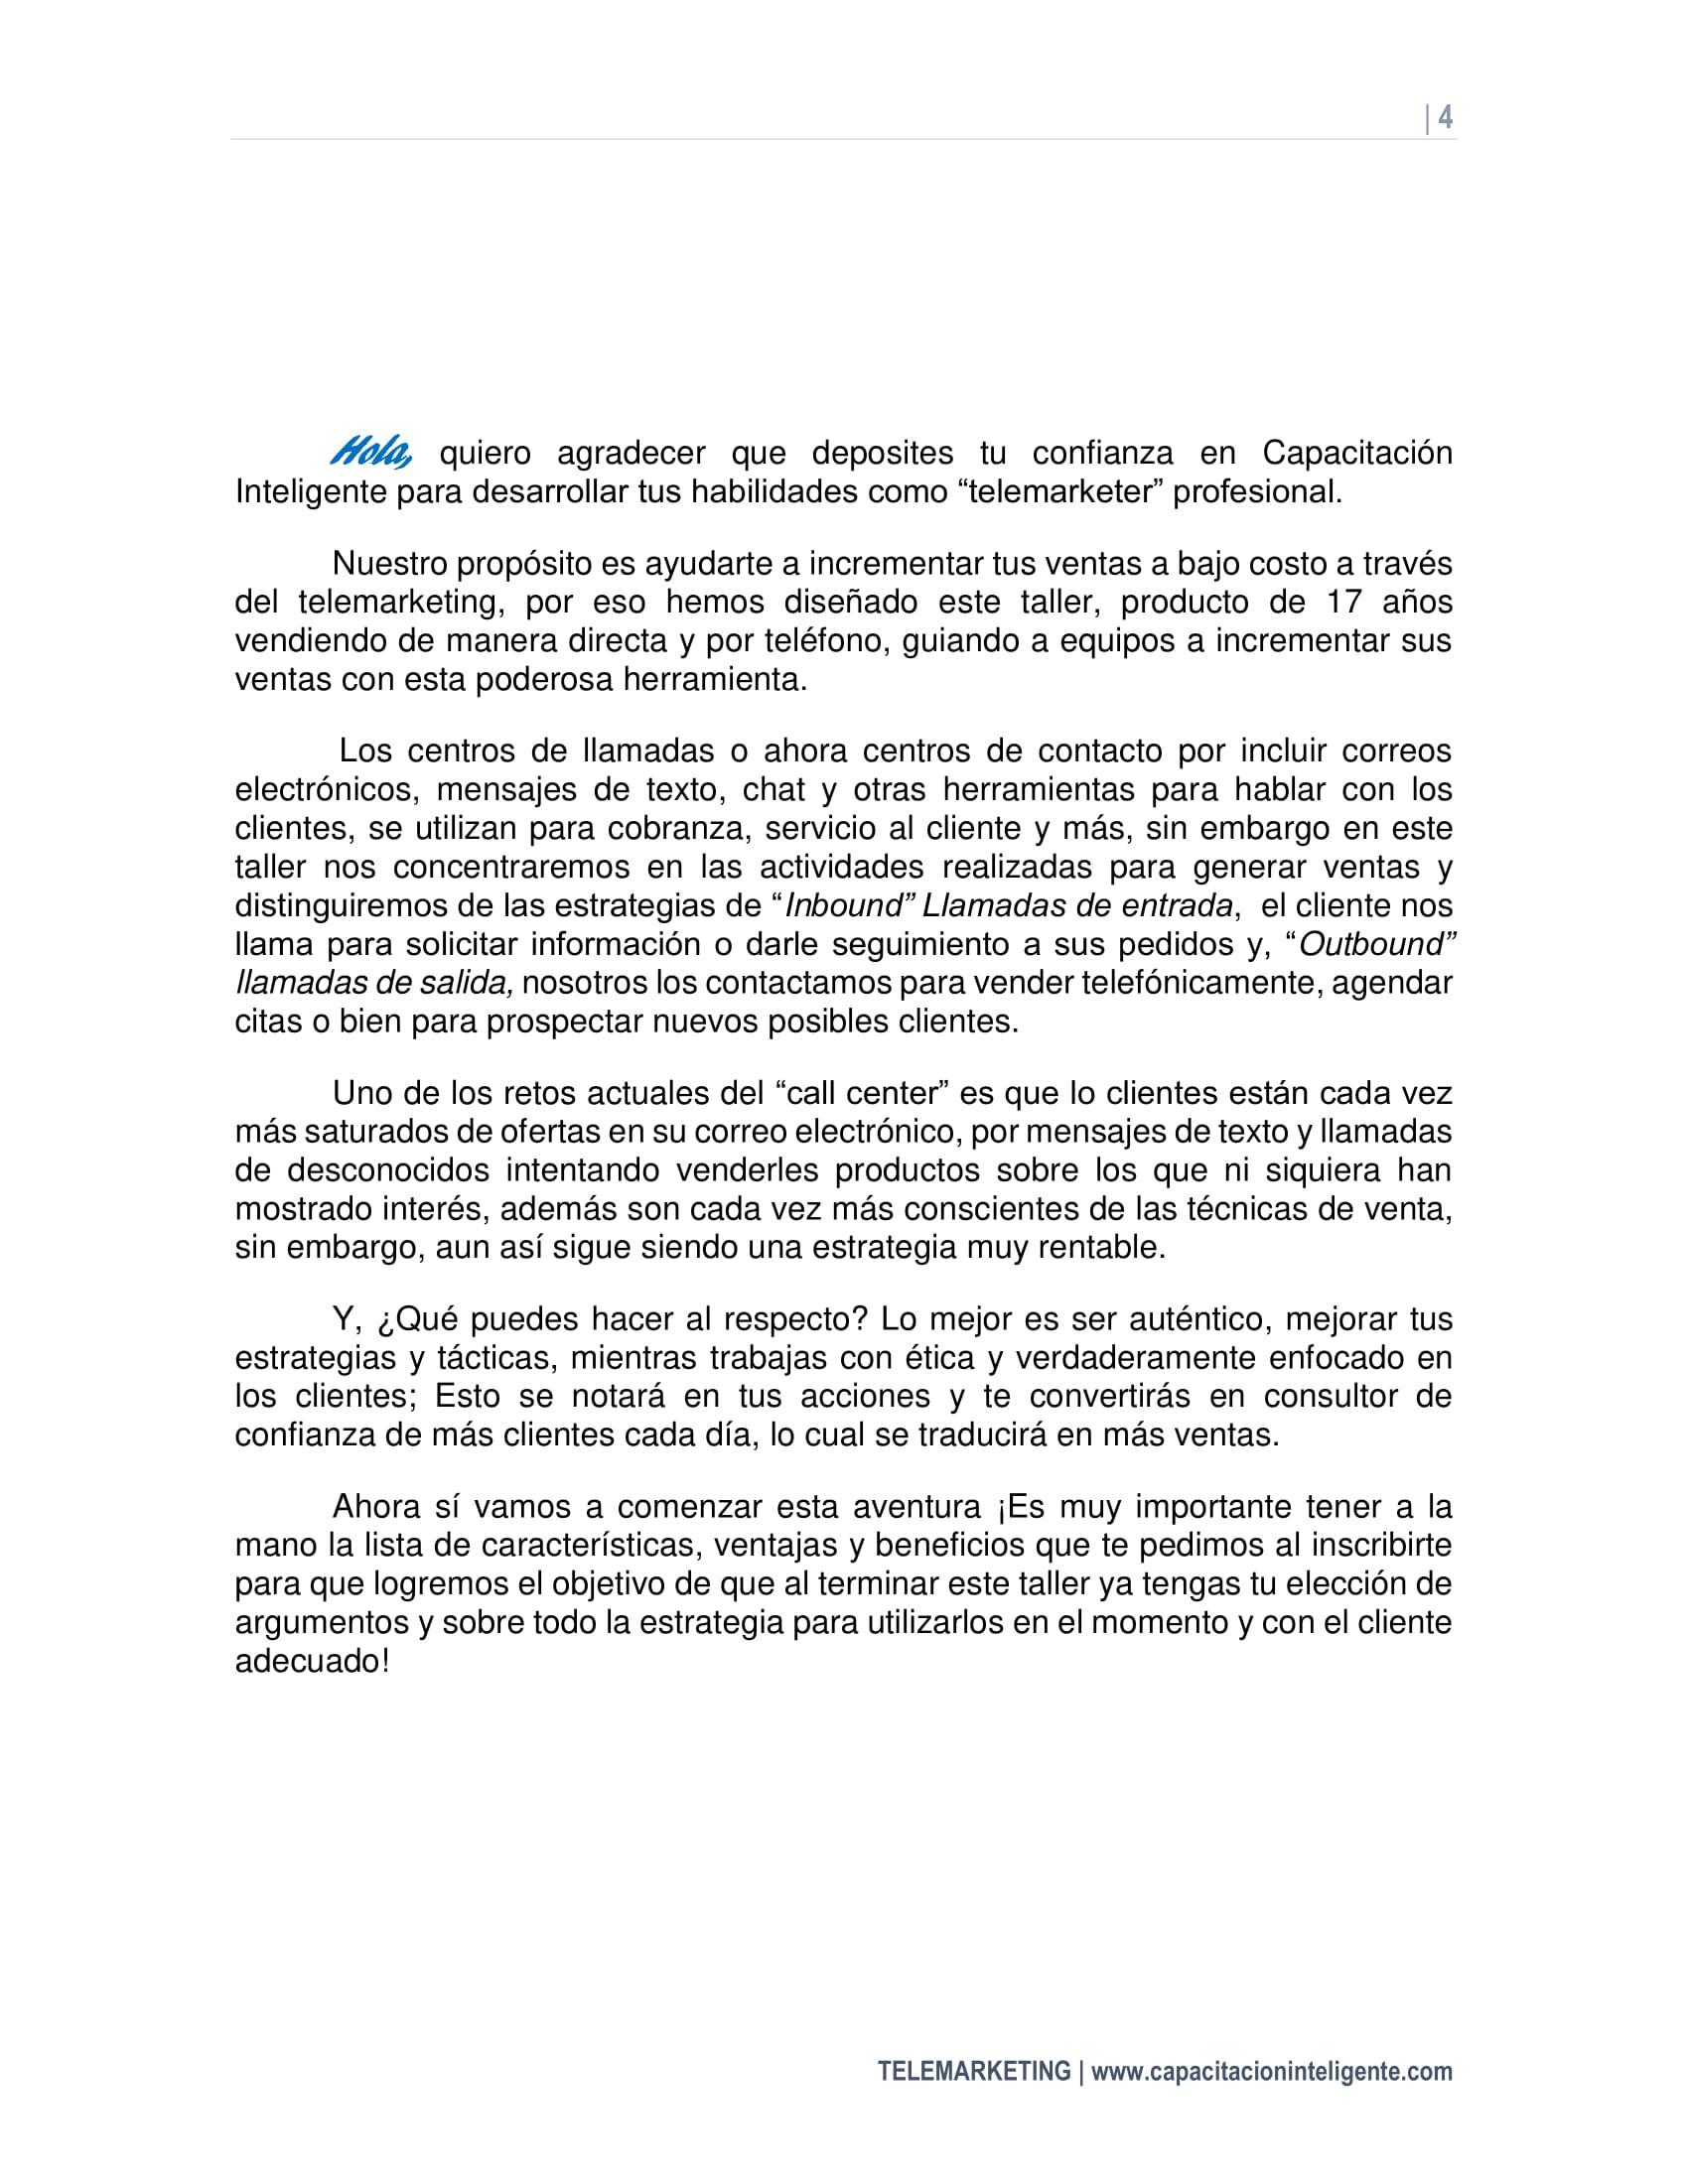 Manual_de_trabajo_TELEMARKETING-04